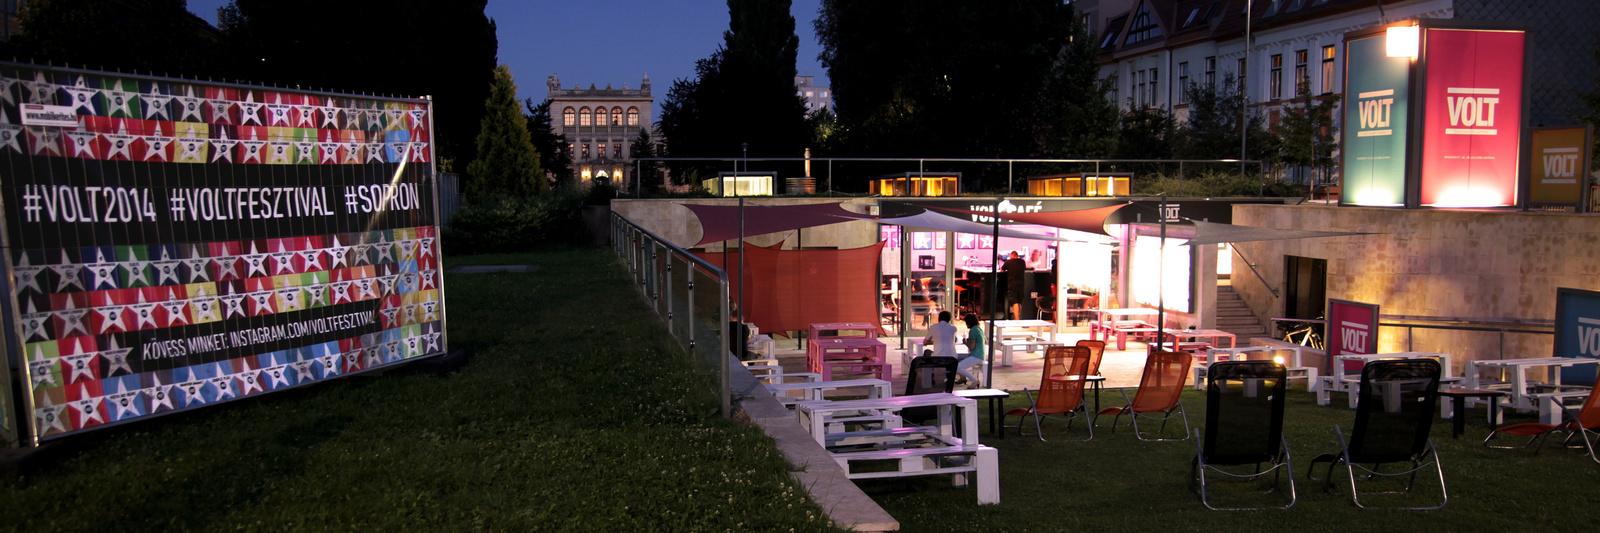 Volt Café Sopron